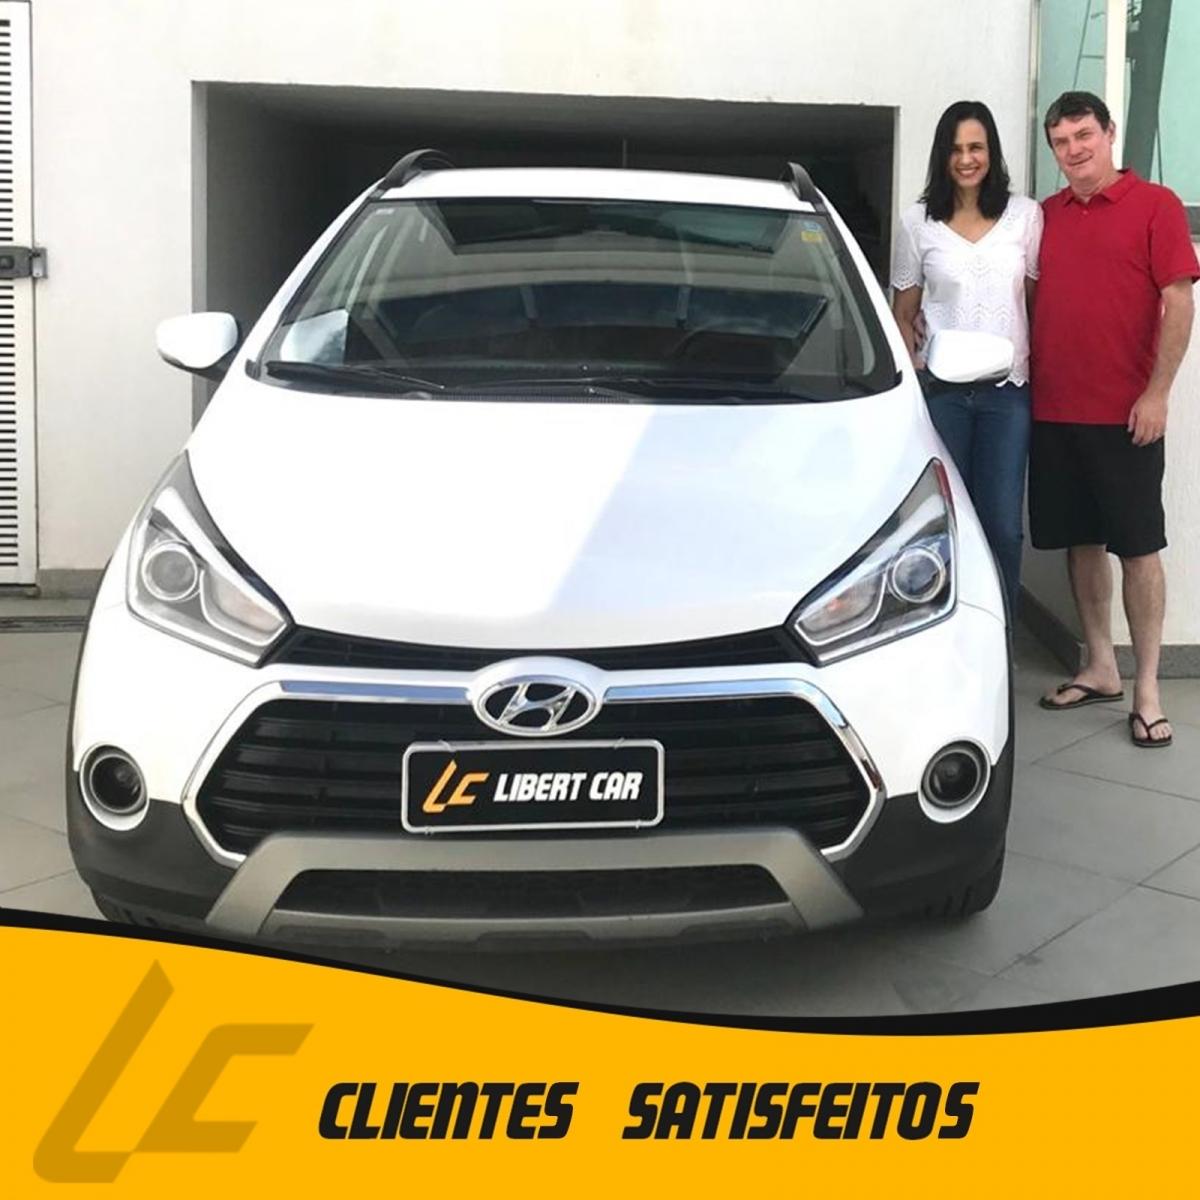 Clientes Satisfeitos - Márcia e Antônio